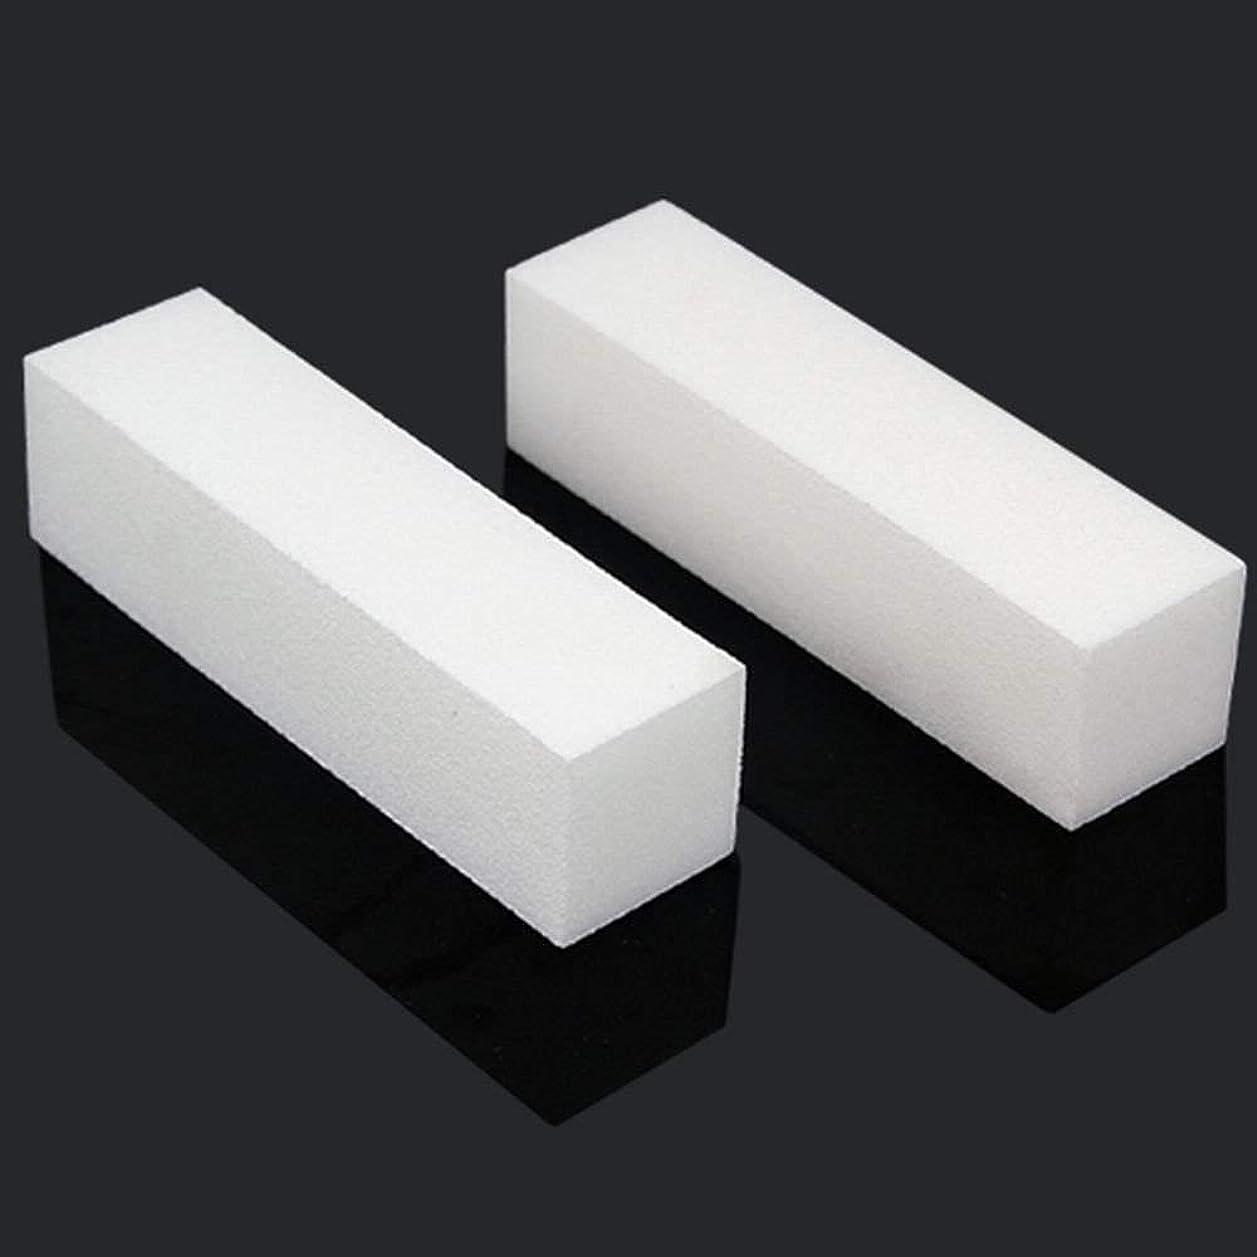 報復するに勝るプレビューACAMPTAR 10x白いのアクリルネイルアートのバフ研磨のツール、マニキュアツール